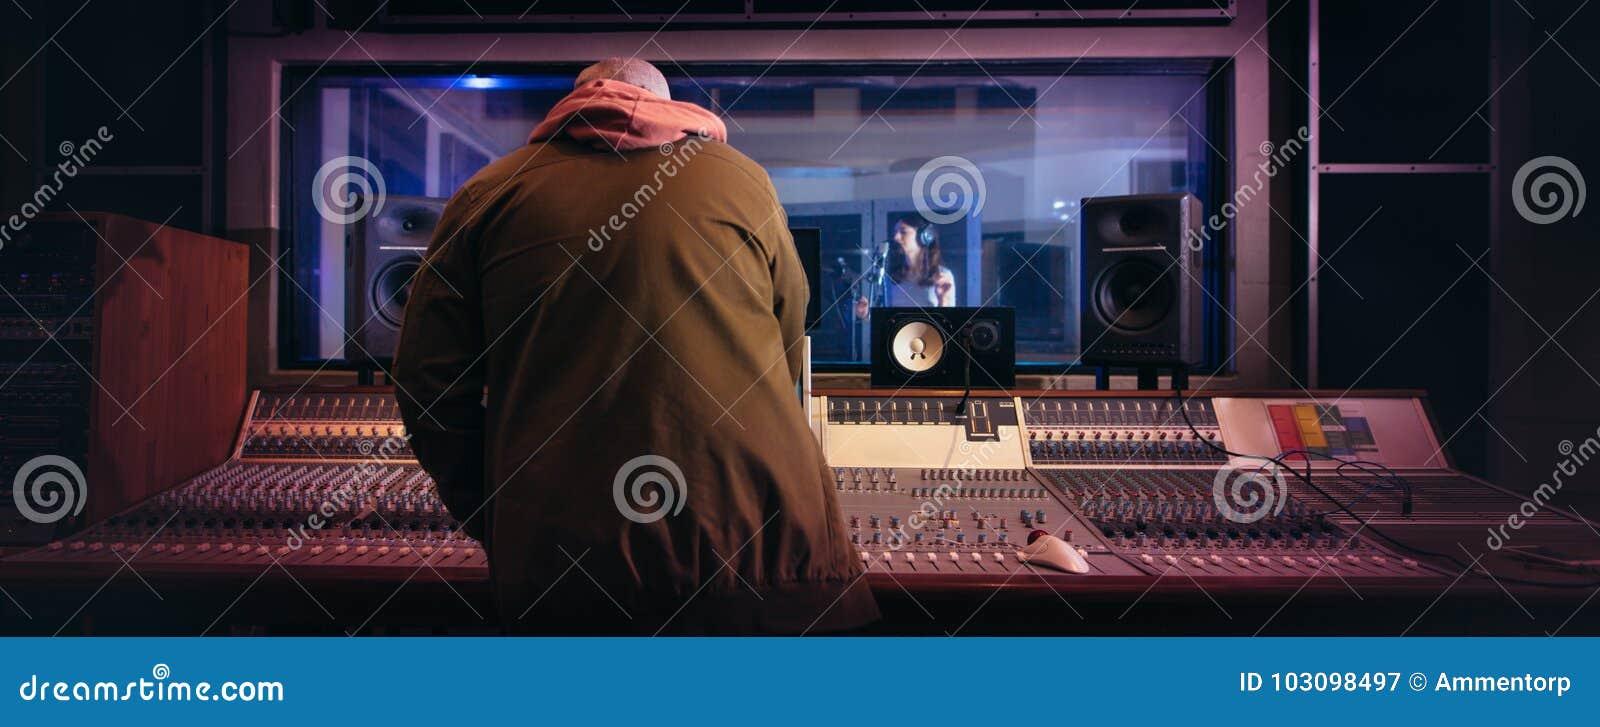 Musici die muziek in professionele opnamestudio veroorzaken